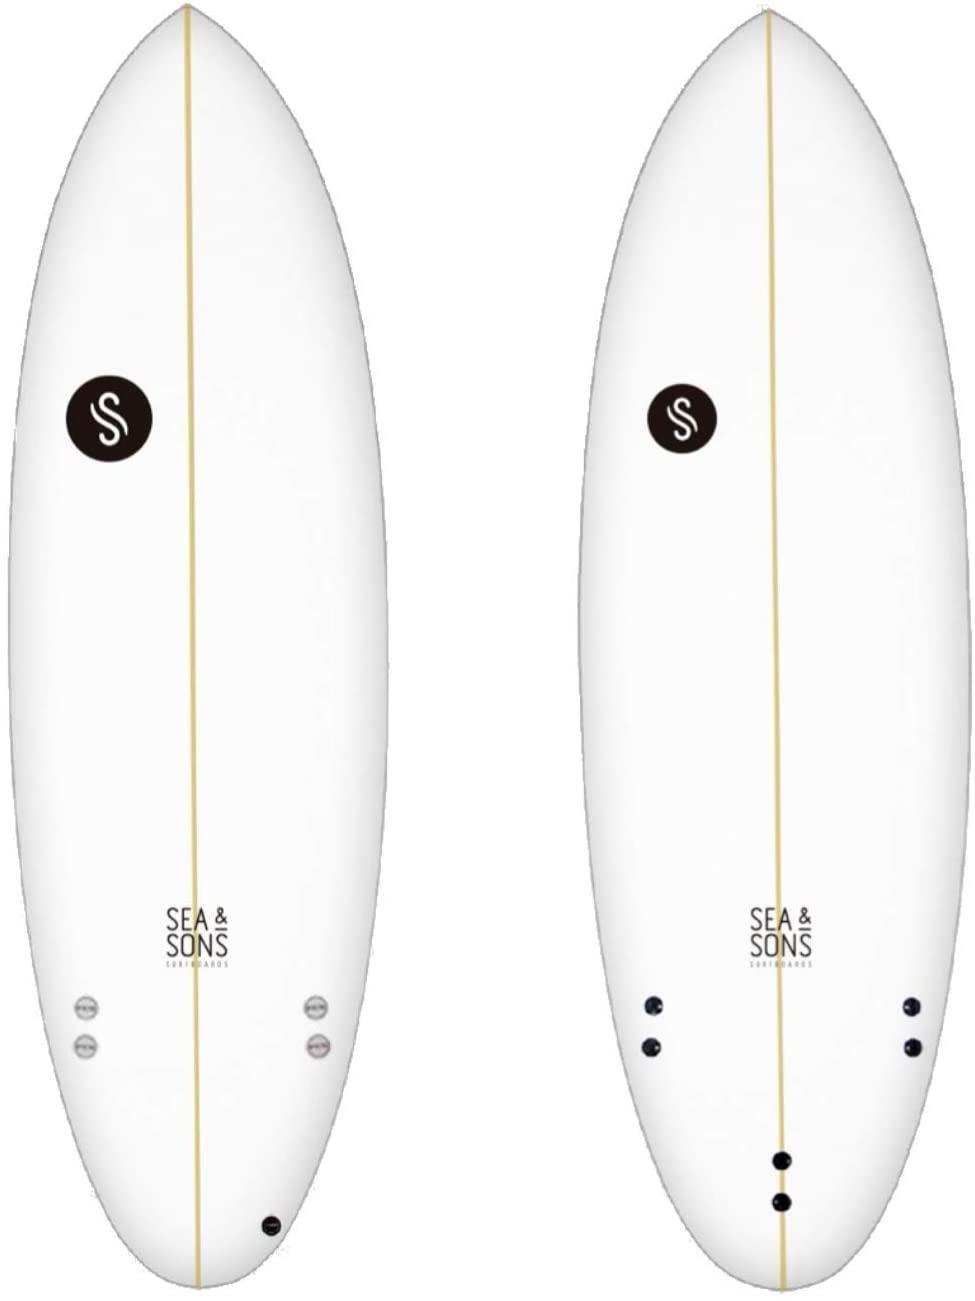 Mejores tablas de surf Sea and sons